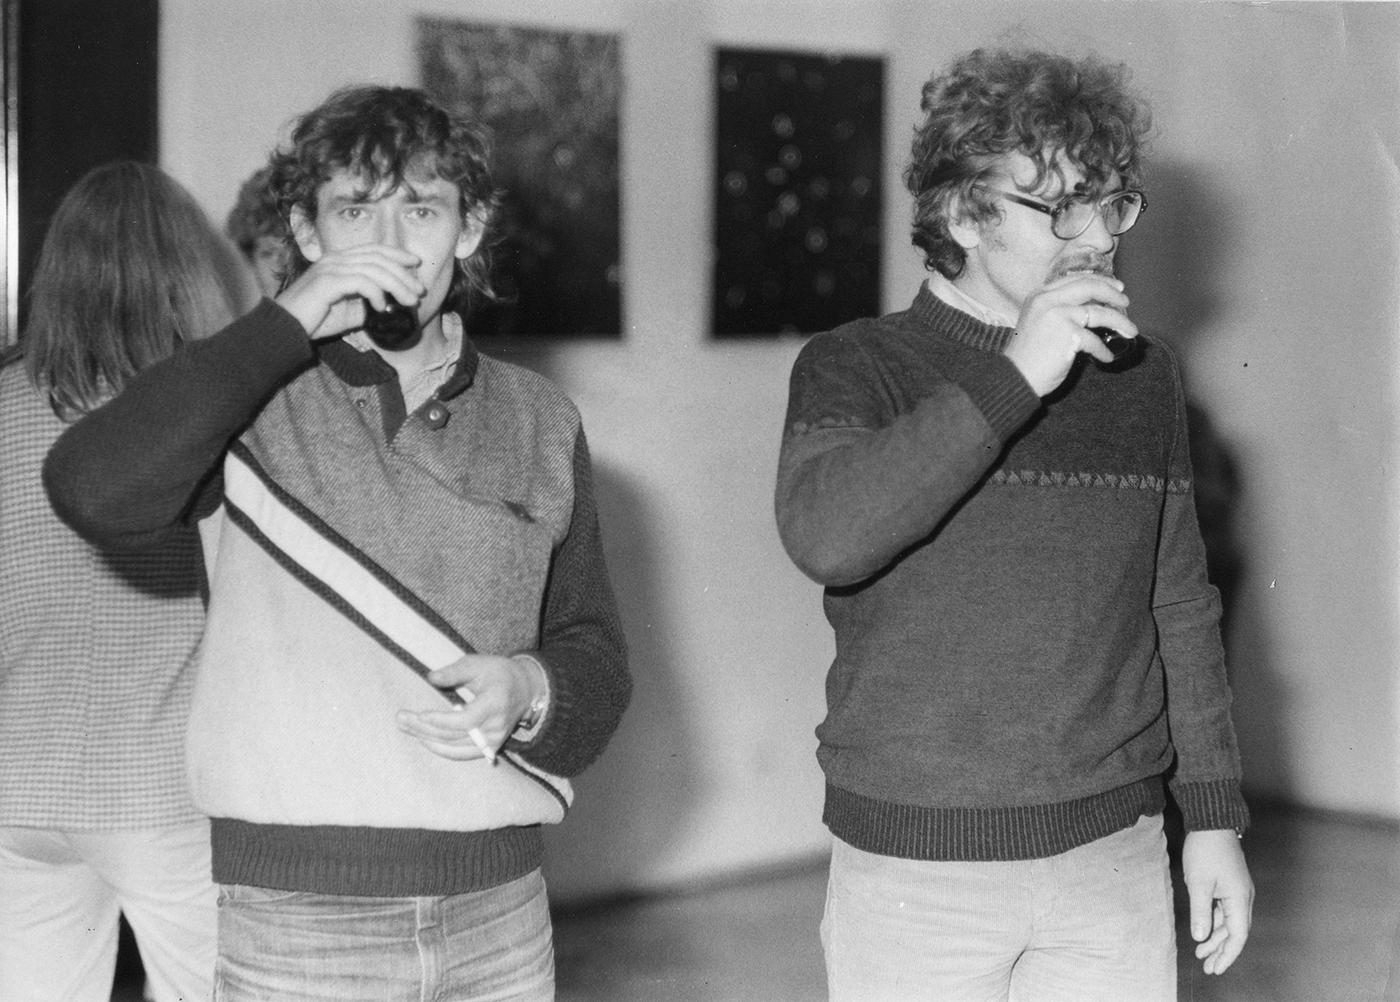 """<span class=""""tytul"""">Nowa fala wZielonej Górze</span> <div class=""""block-podtytul"""">Biennale Sztuki Nowej 1985–1996. Zarys wydarzeń</div>"""